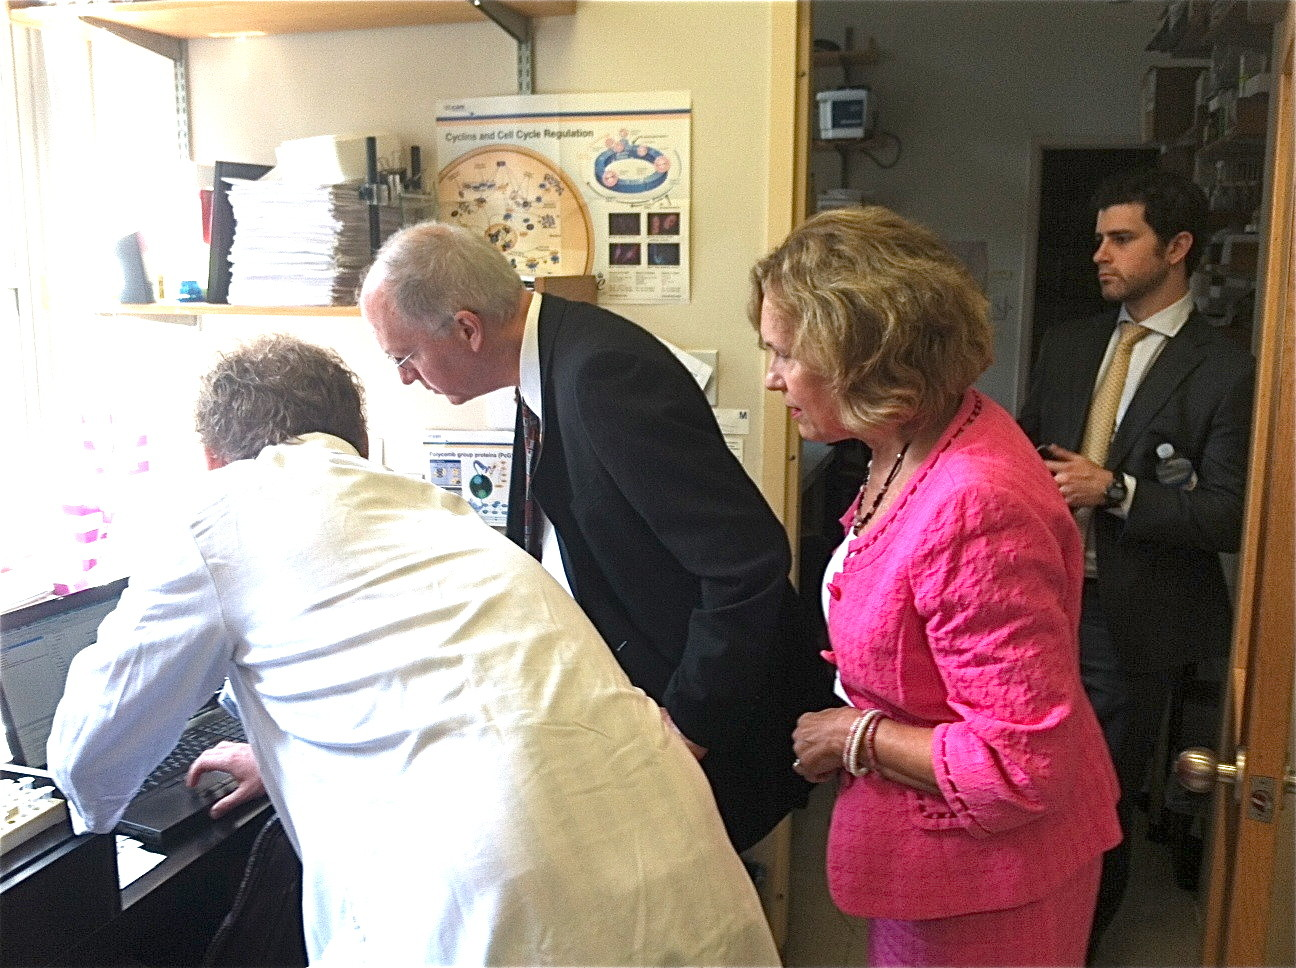 Dr. Laursen, Congressman Foster, & Dr. Gudas discuss CRISP/Cas9 technology